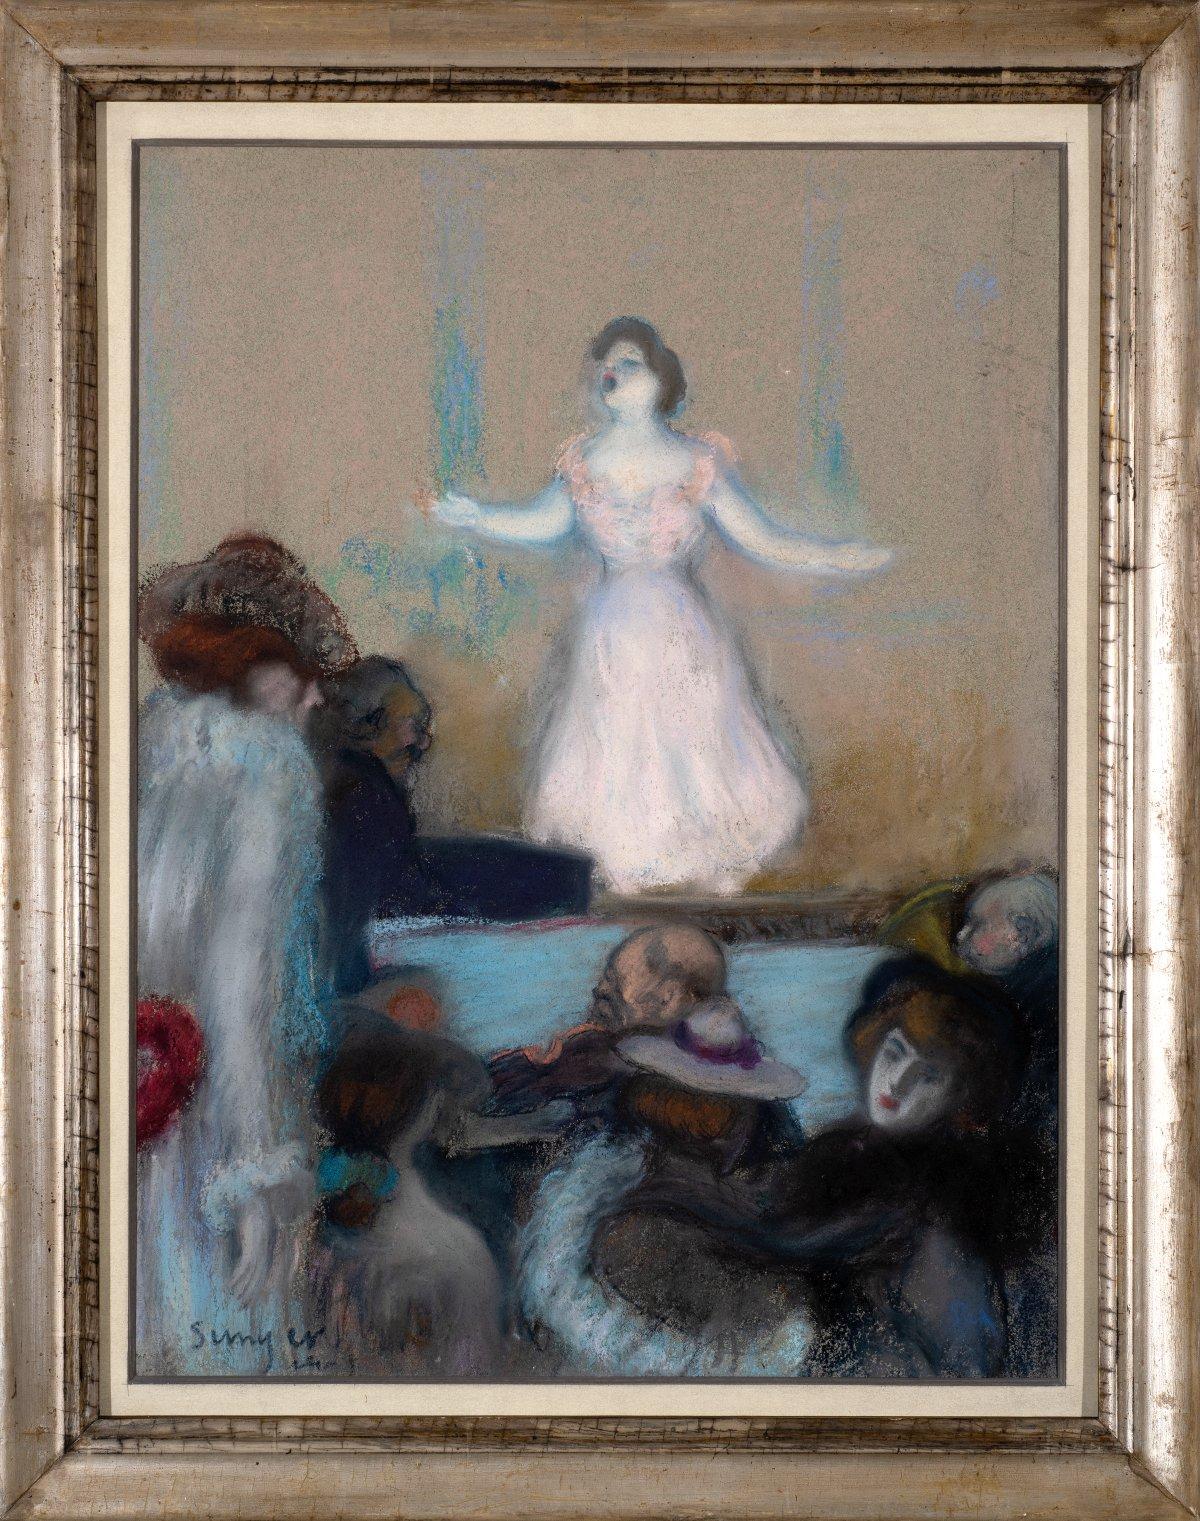 Cabaret scene in Paris